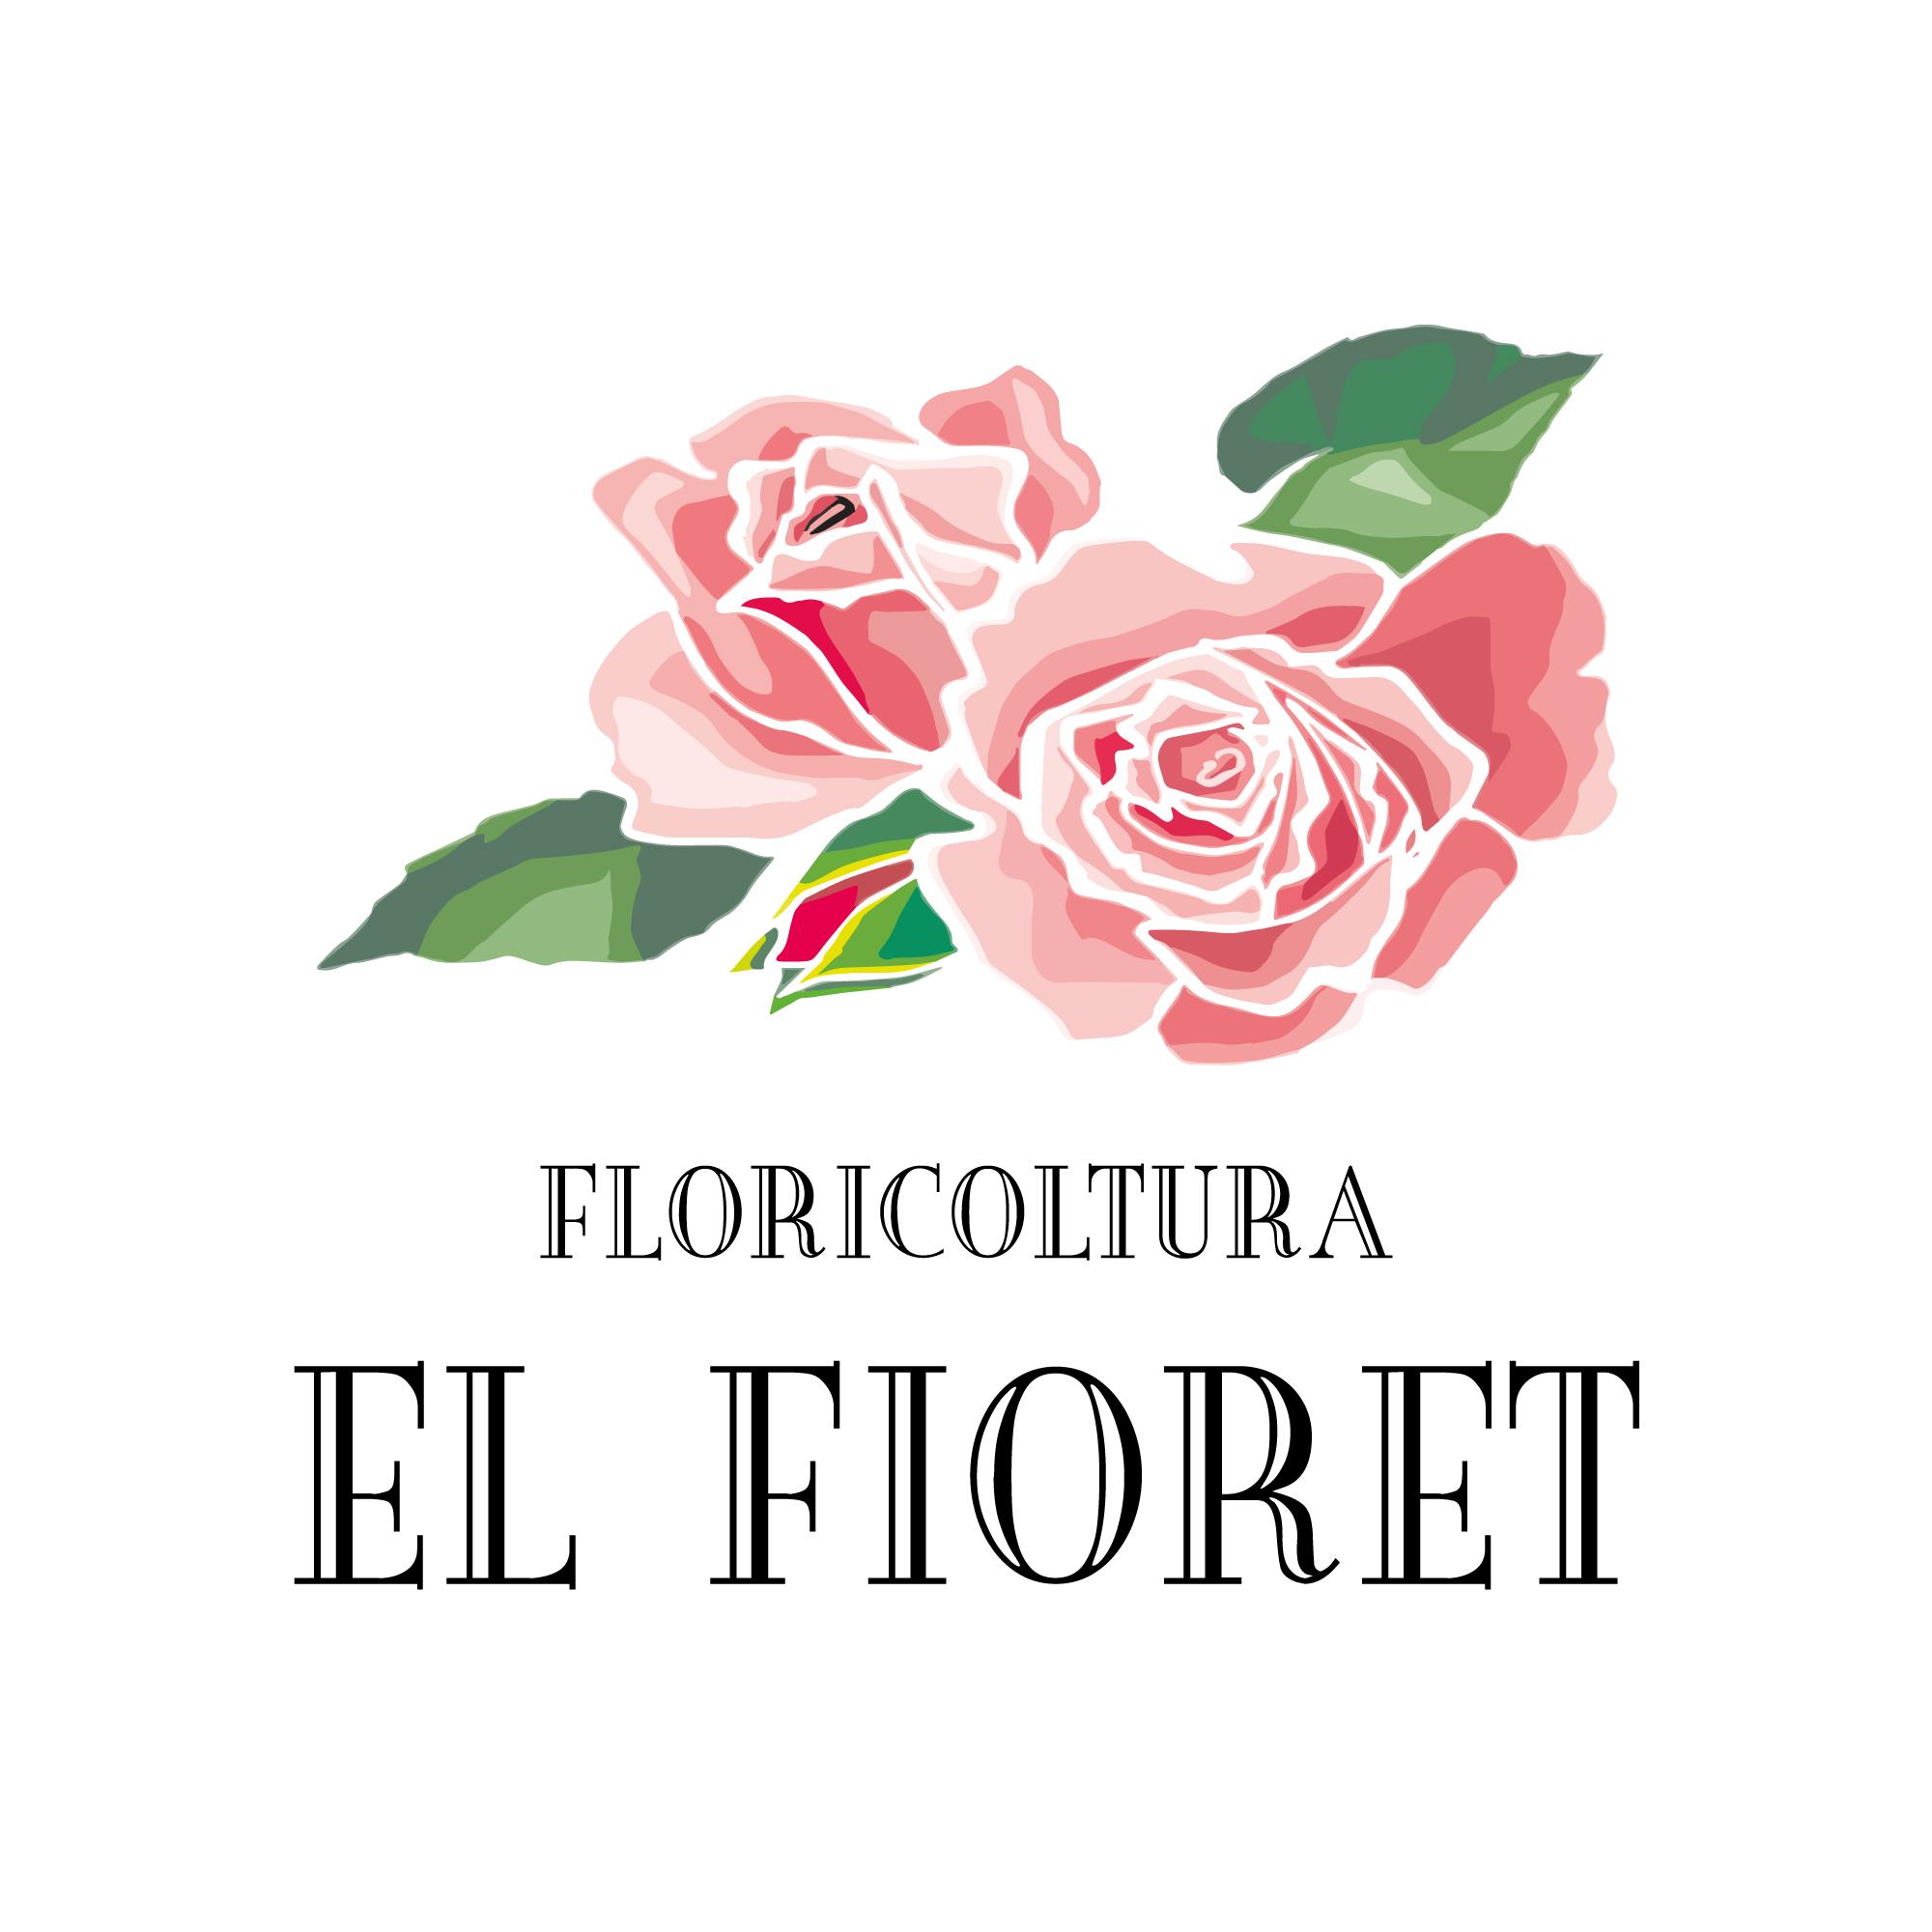 Floricoltura El Fioret